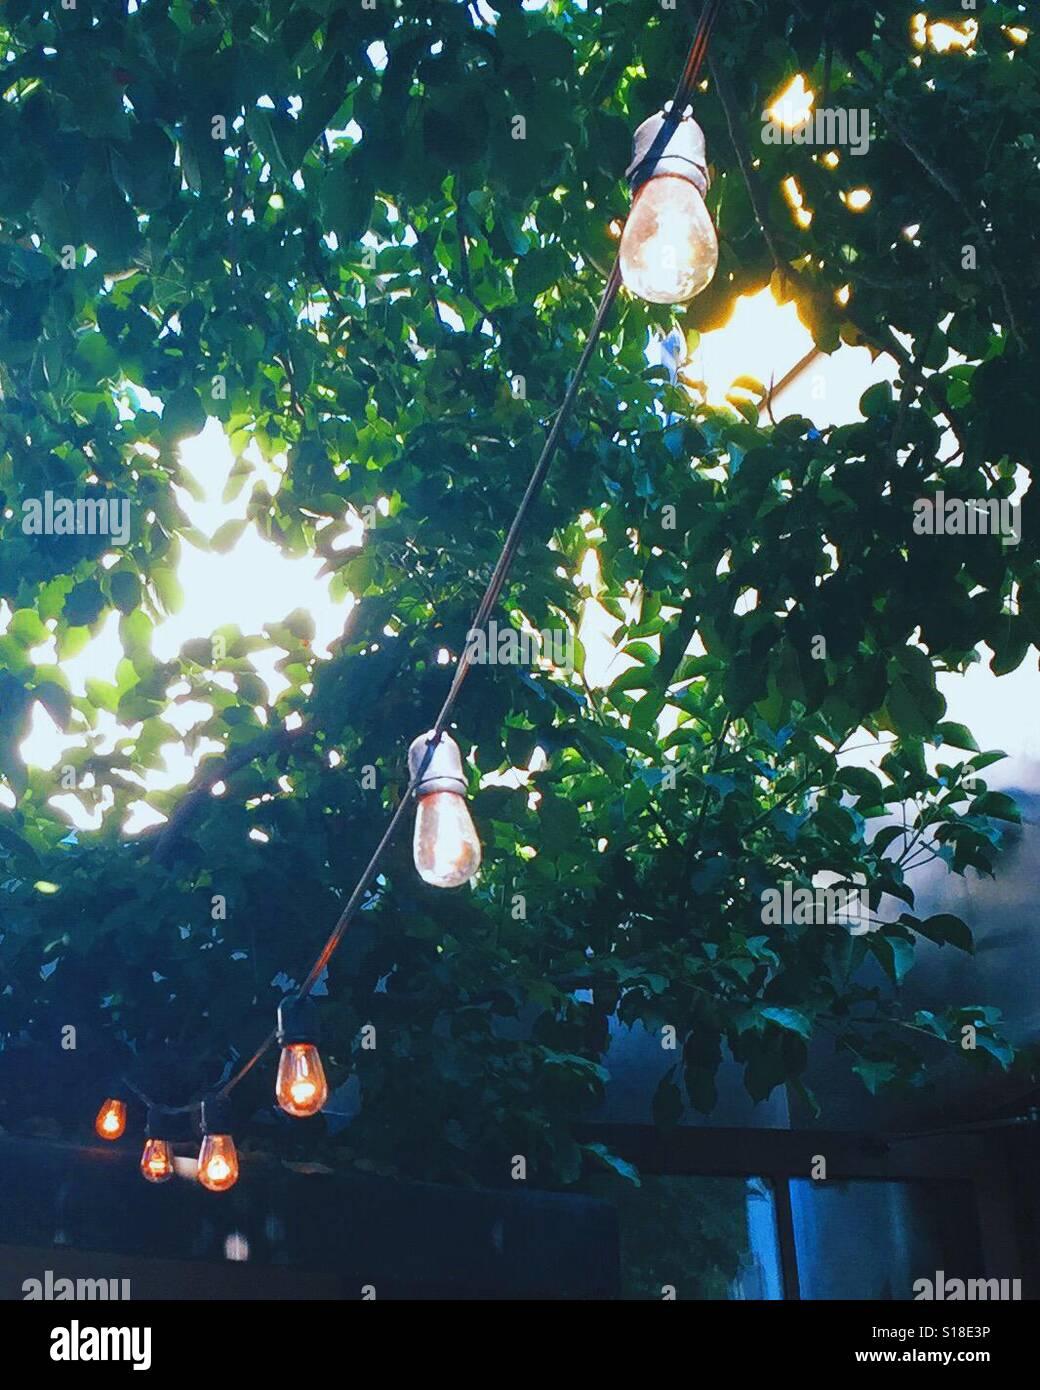 Garden vintage string lights - Stock Image